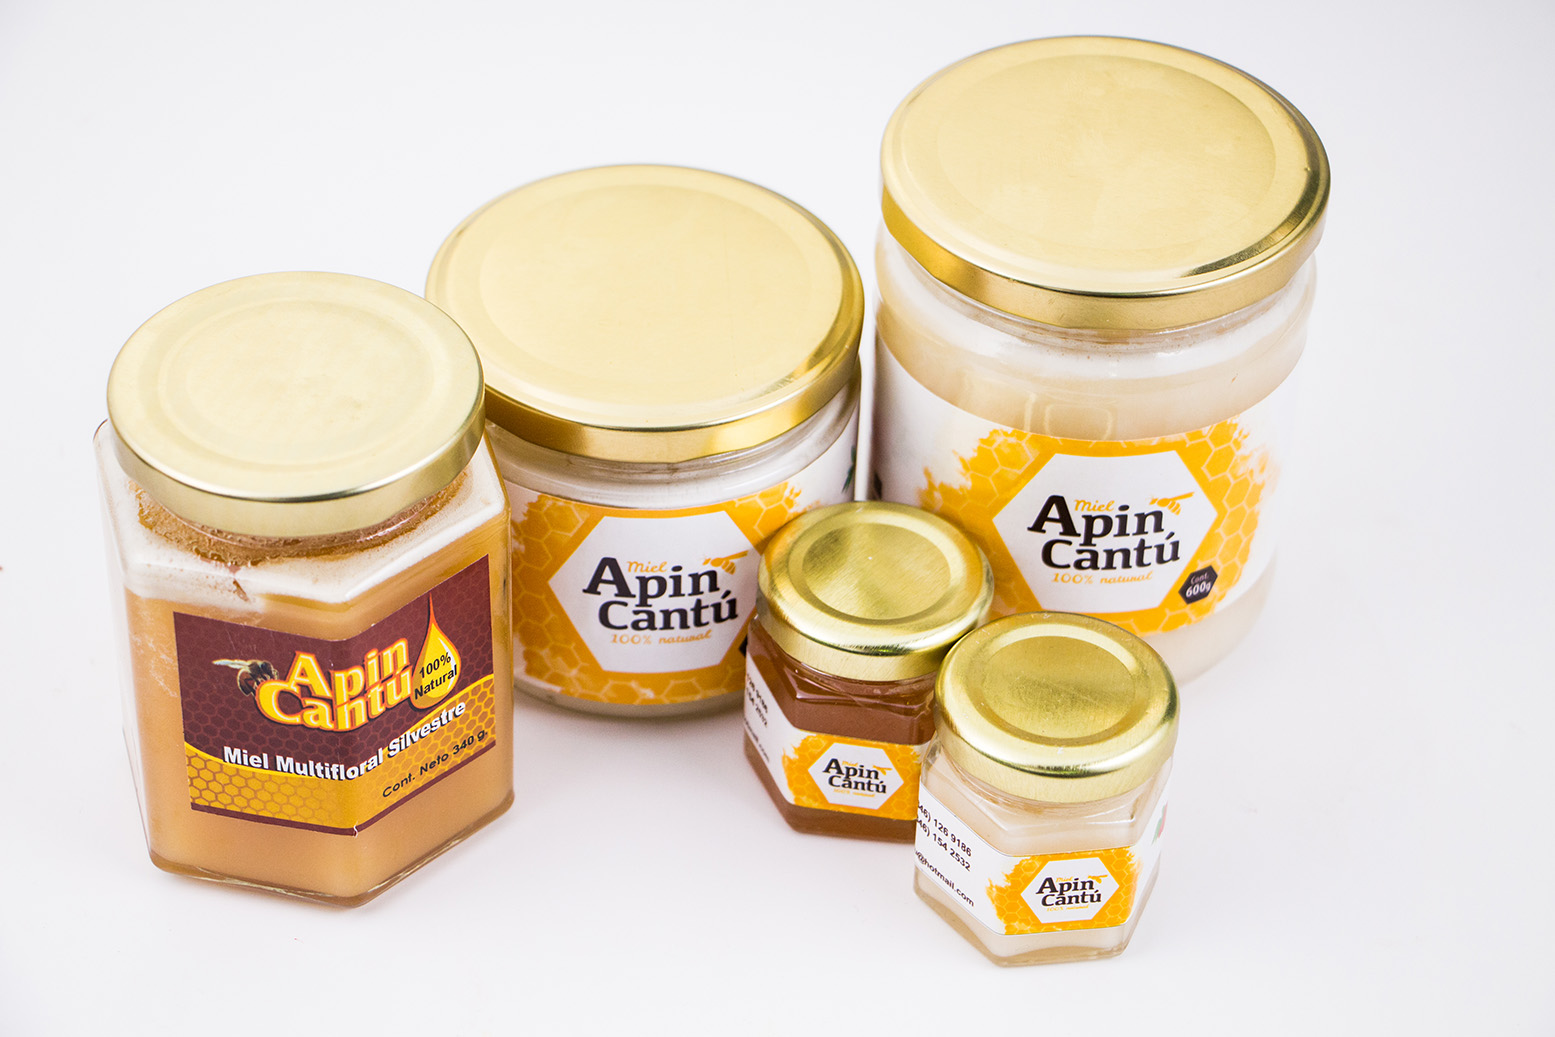 Producto de miel envasado